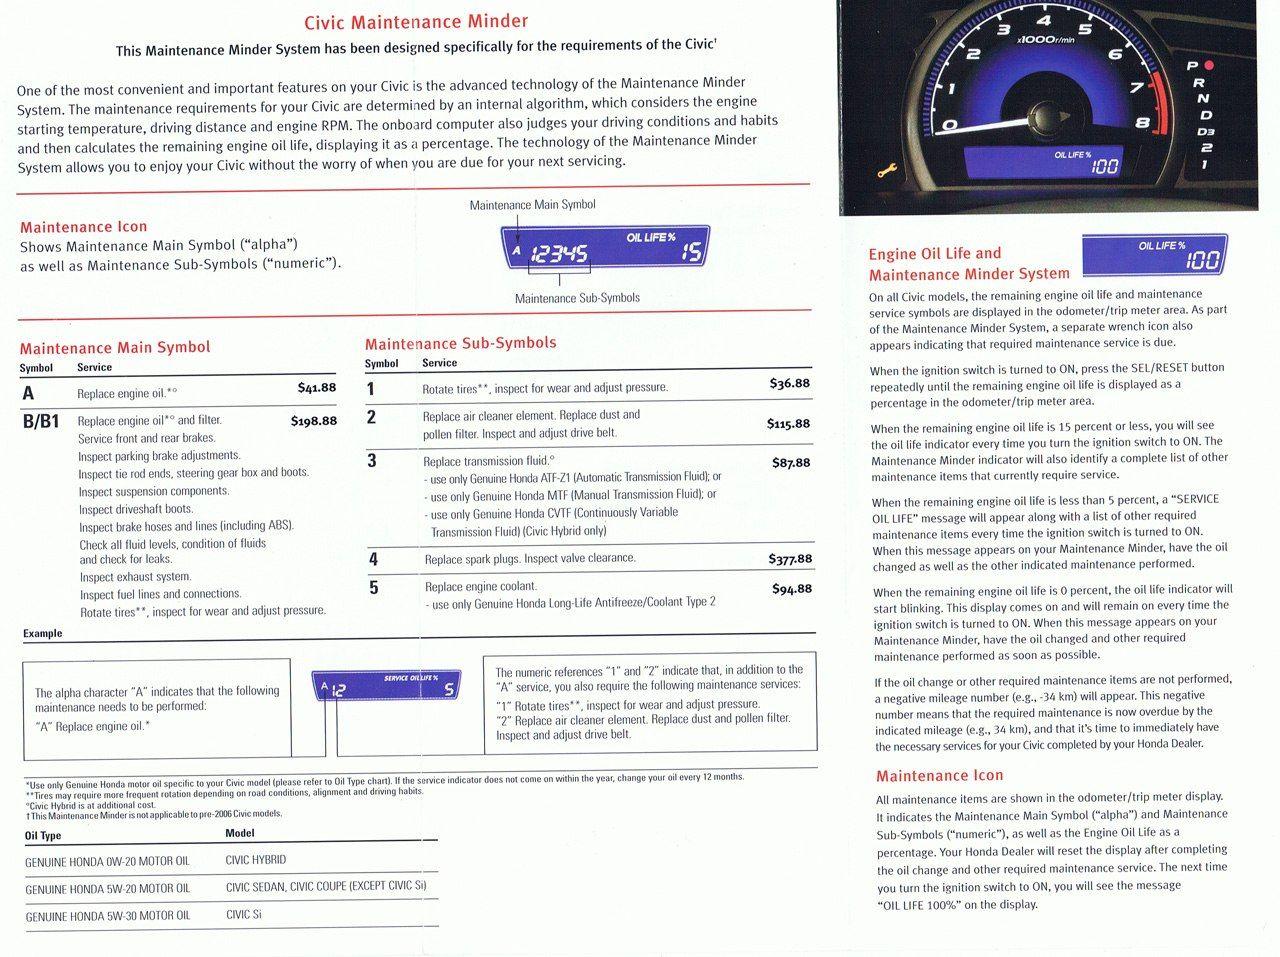 Honda Civic Service B1 - //carenara.com/honda-civic-service-b1 ...